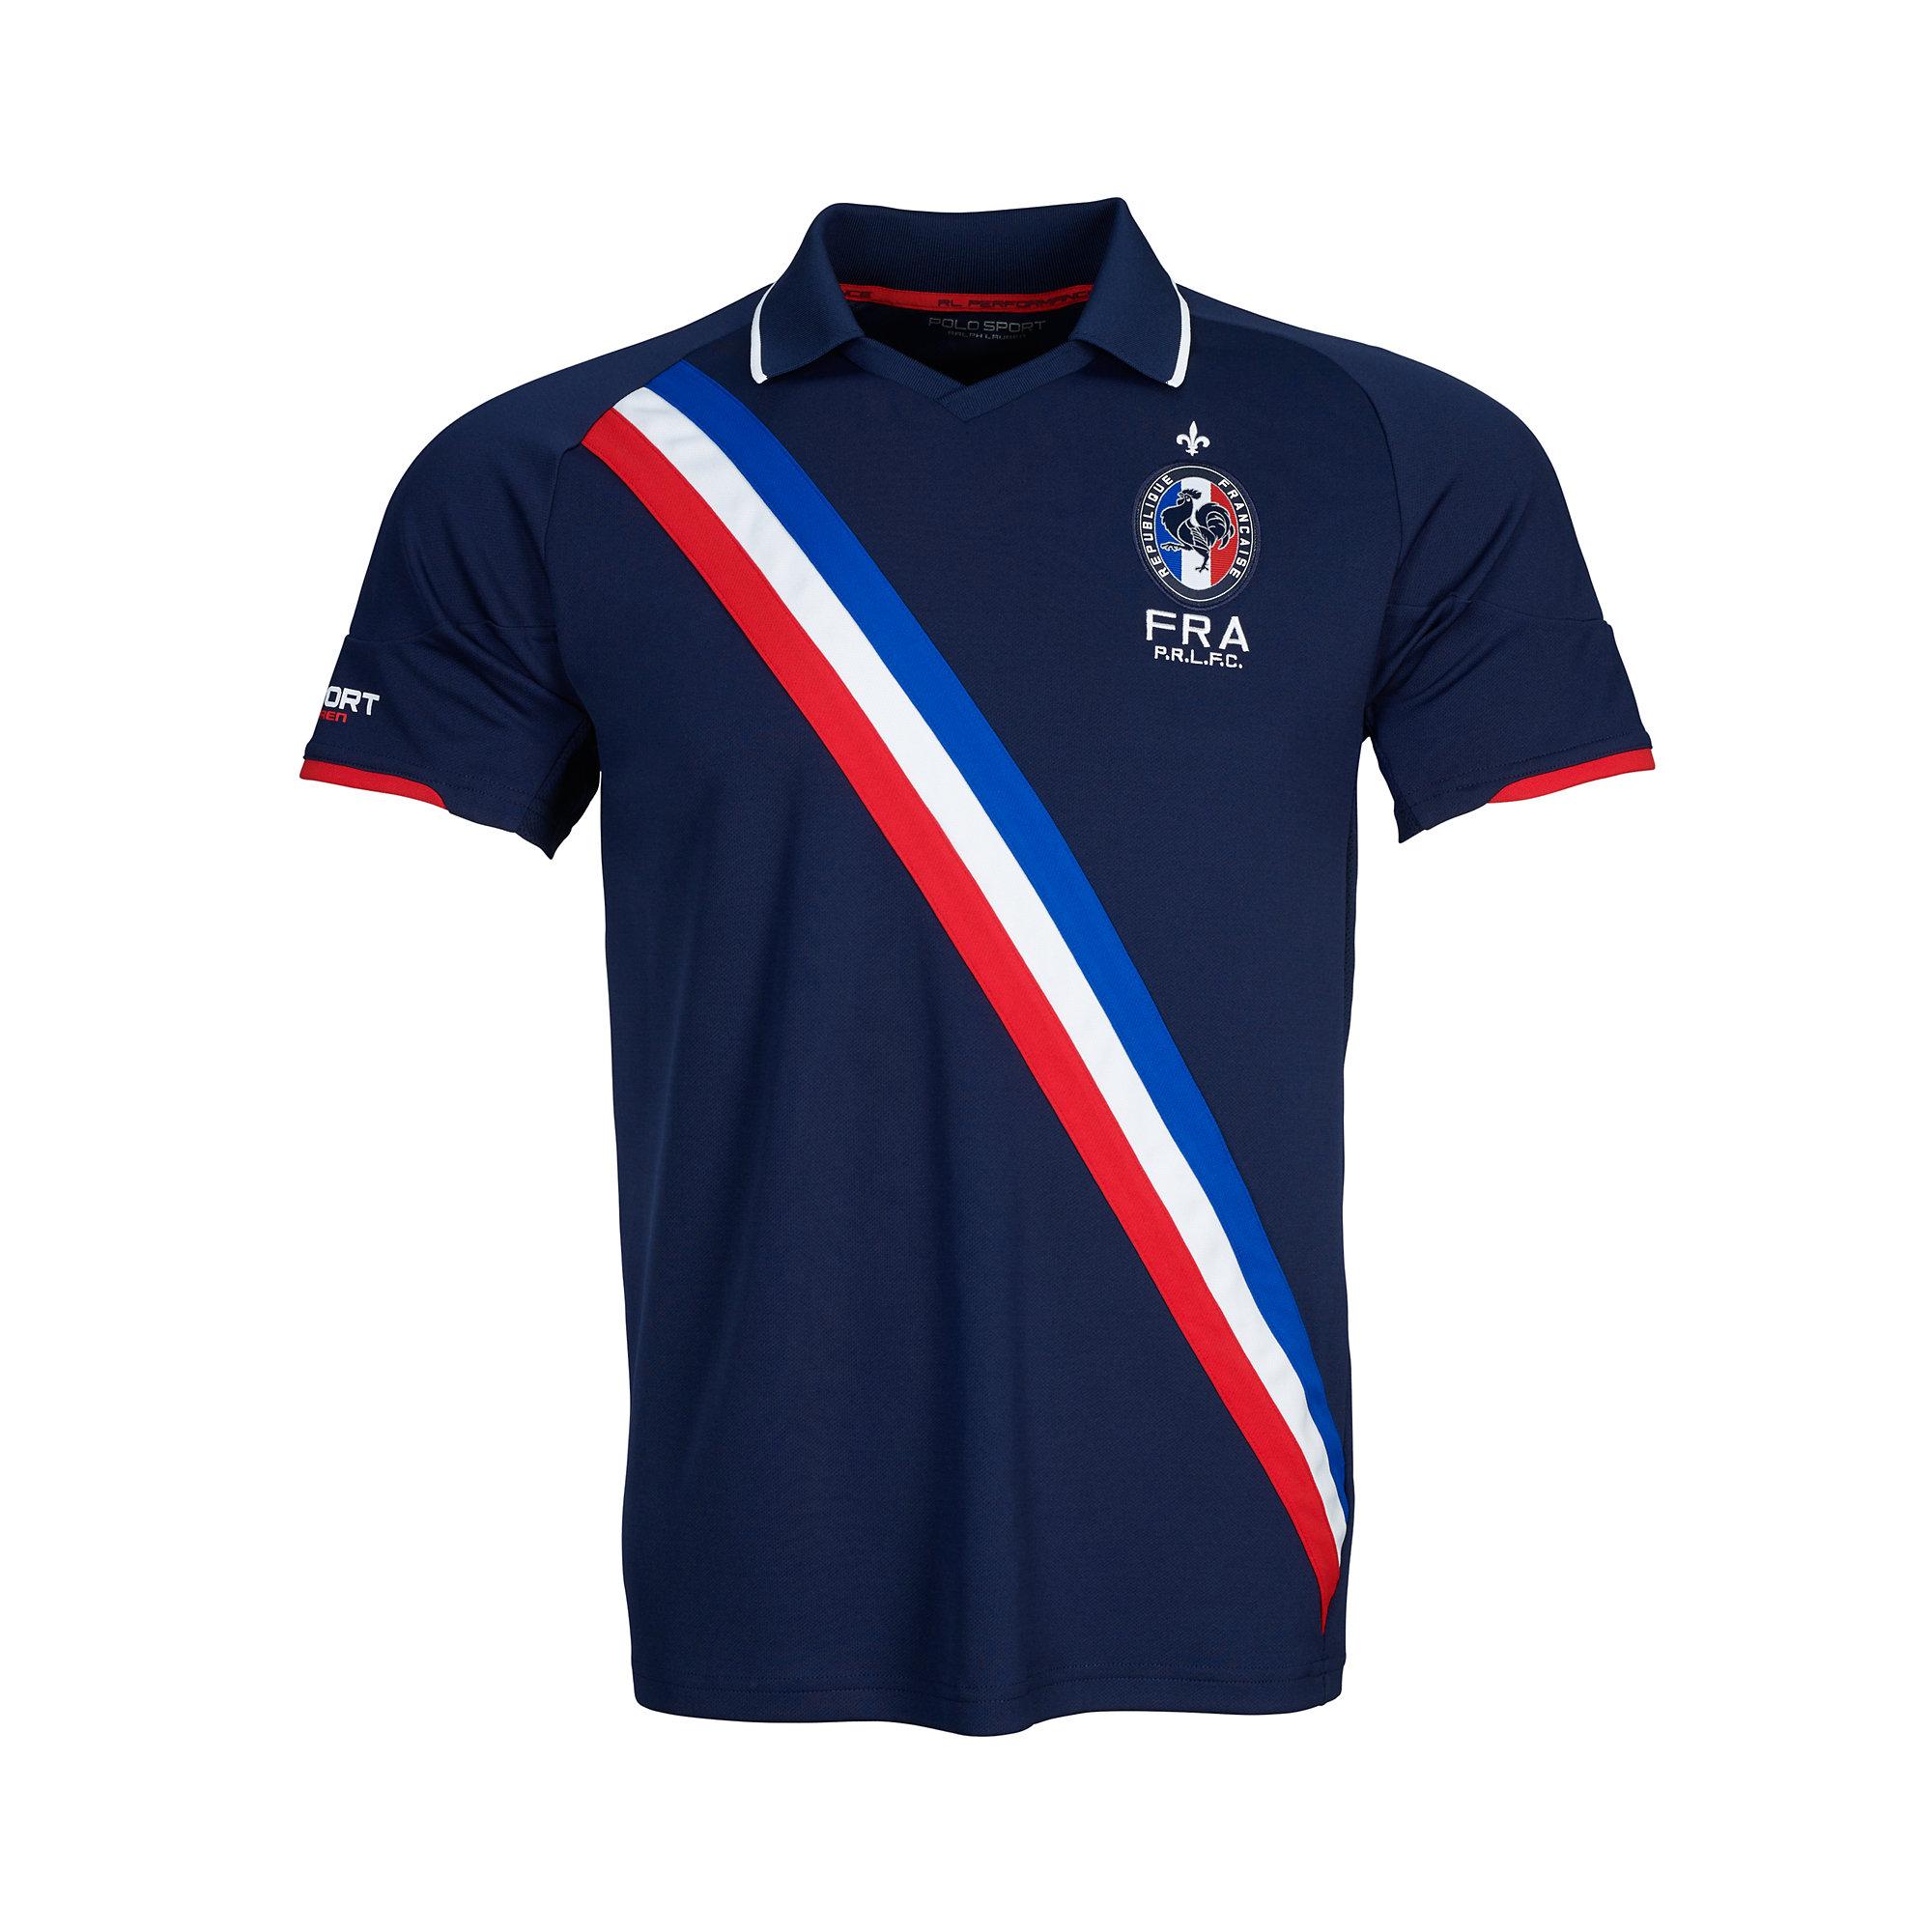 Ralph lauren france jersey polo shirt in blue for men lyst for Ralph lauren polo jersey shirt